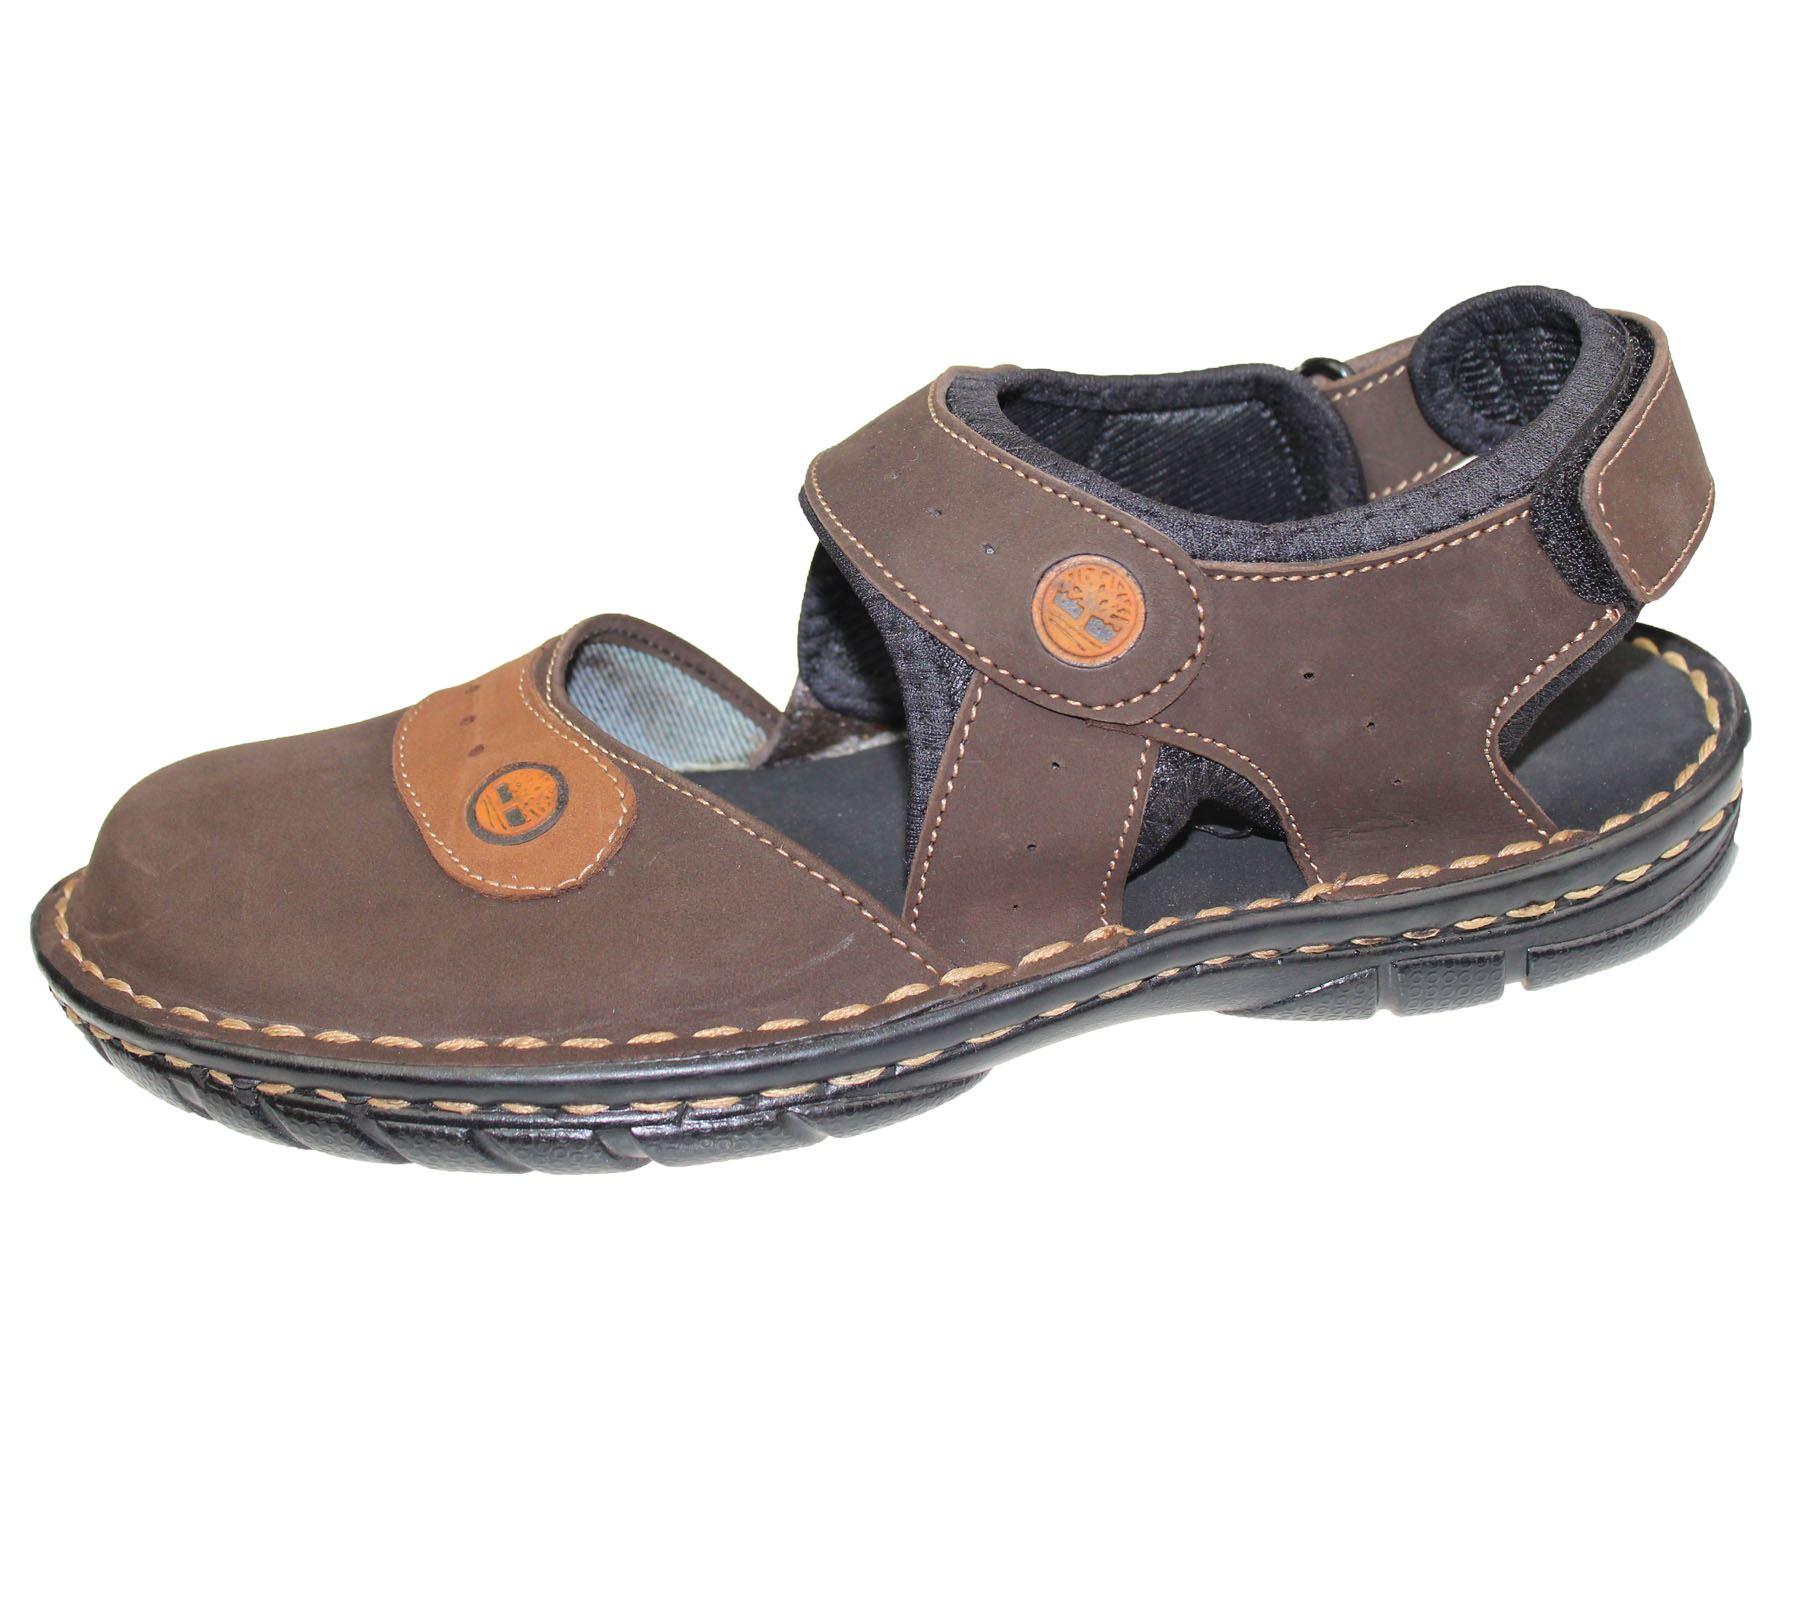 Correa para Chicos Hombres Deportes Sandalias De Confort Zapatos para Caminar verano playa mulas B-21